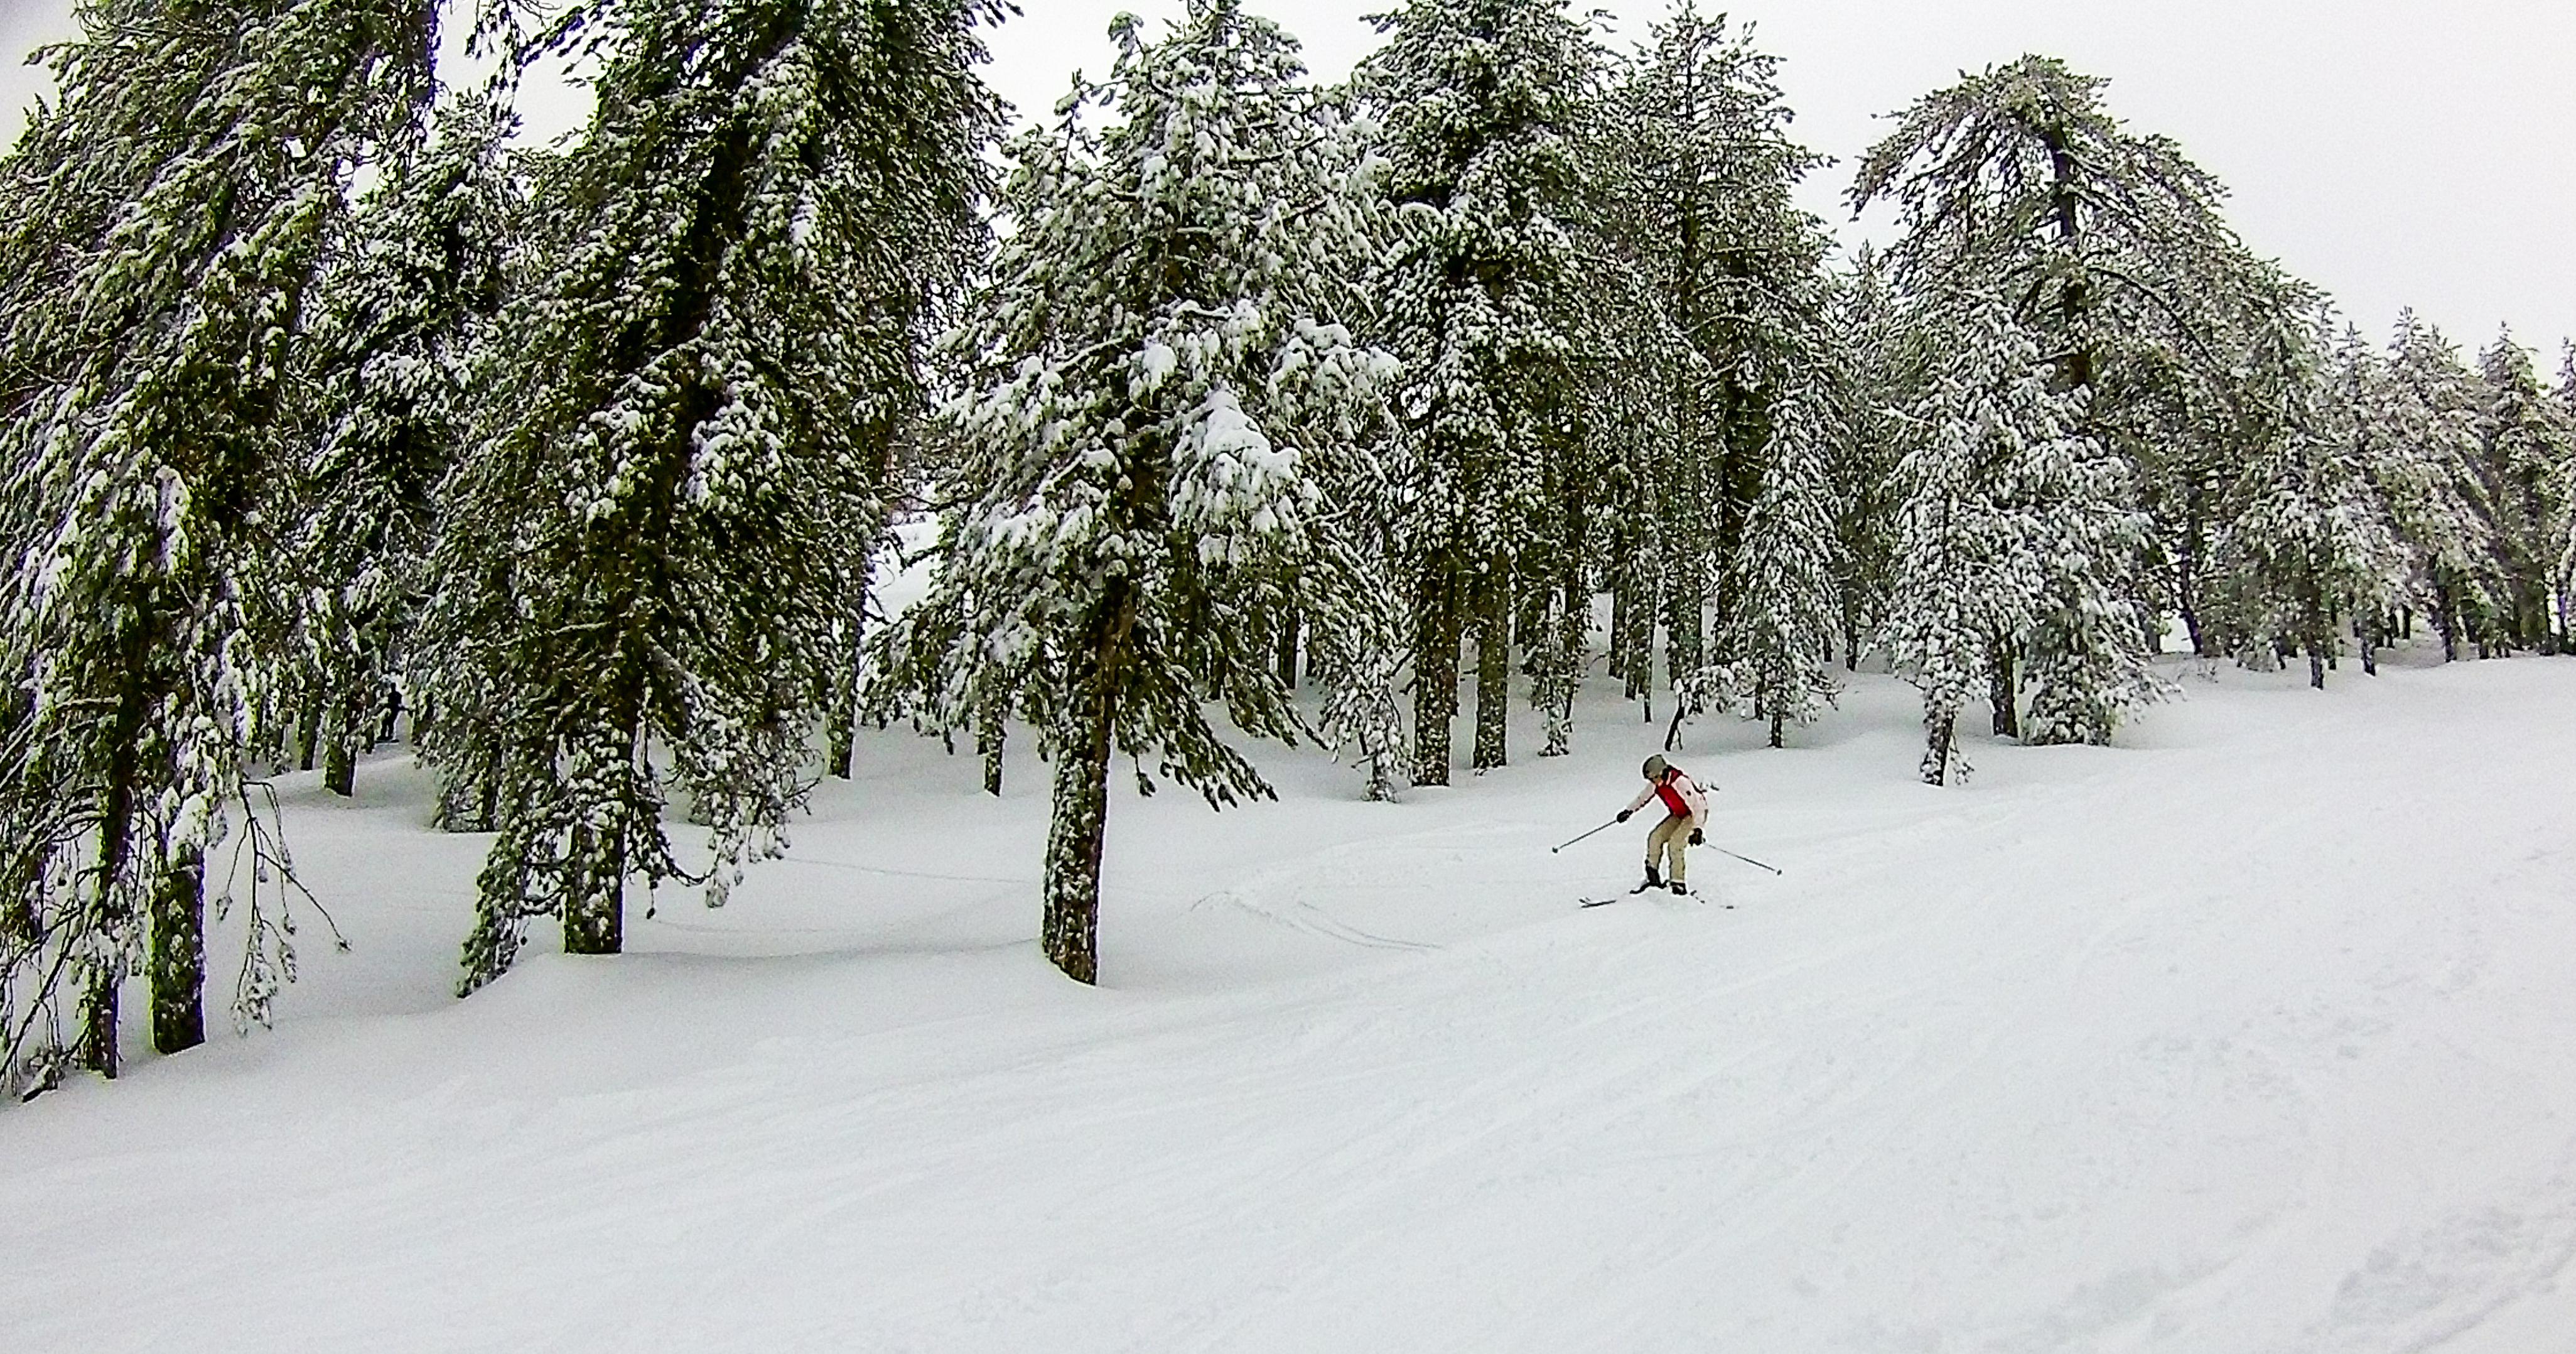 ski 17.01.19 (1 of 11)